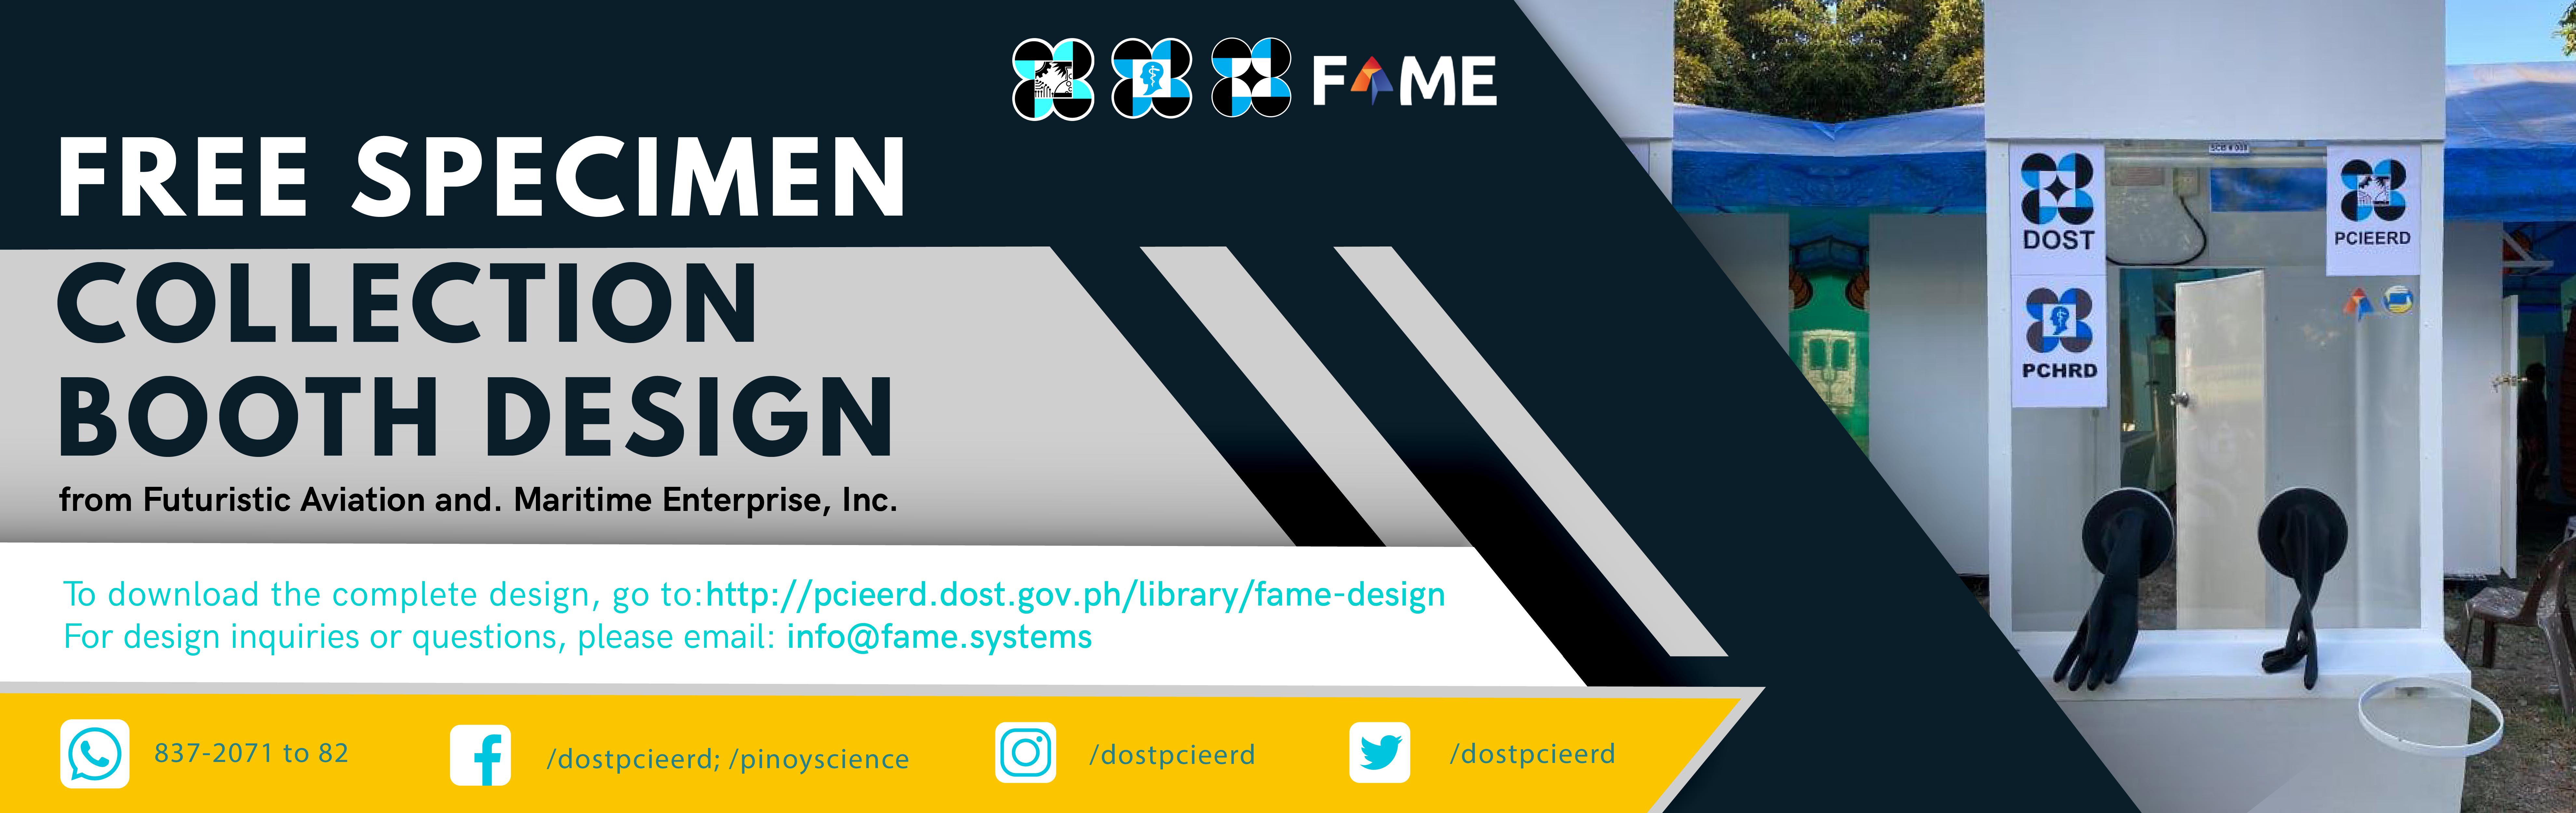 Fame Design